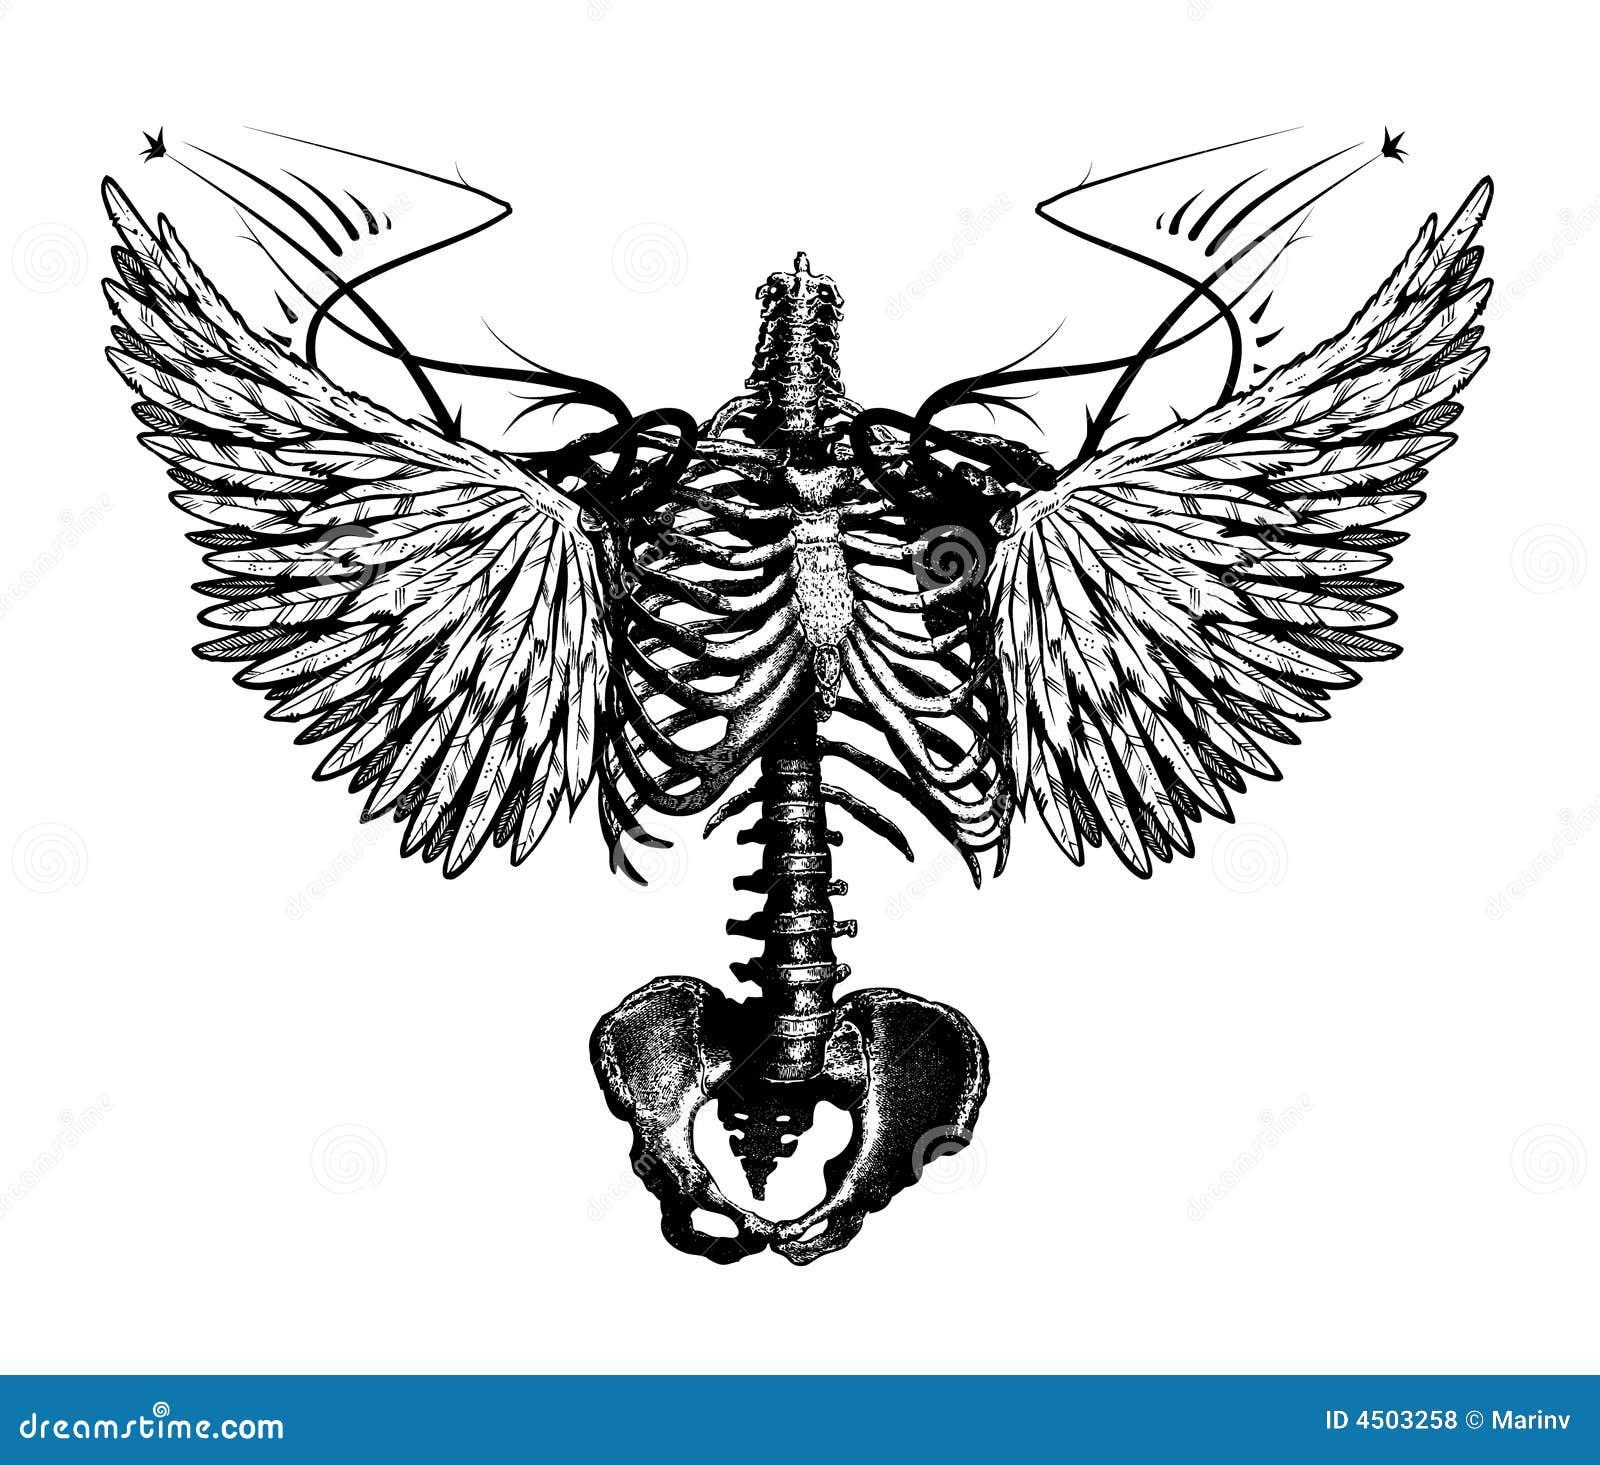 Skeleton angel stock illustration. Image of bare, skelet